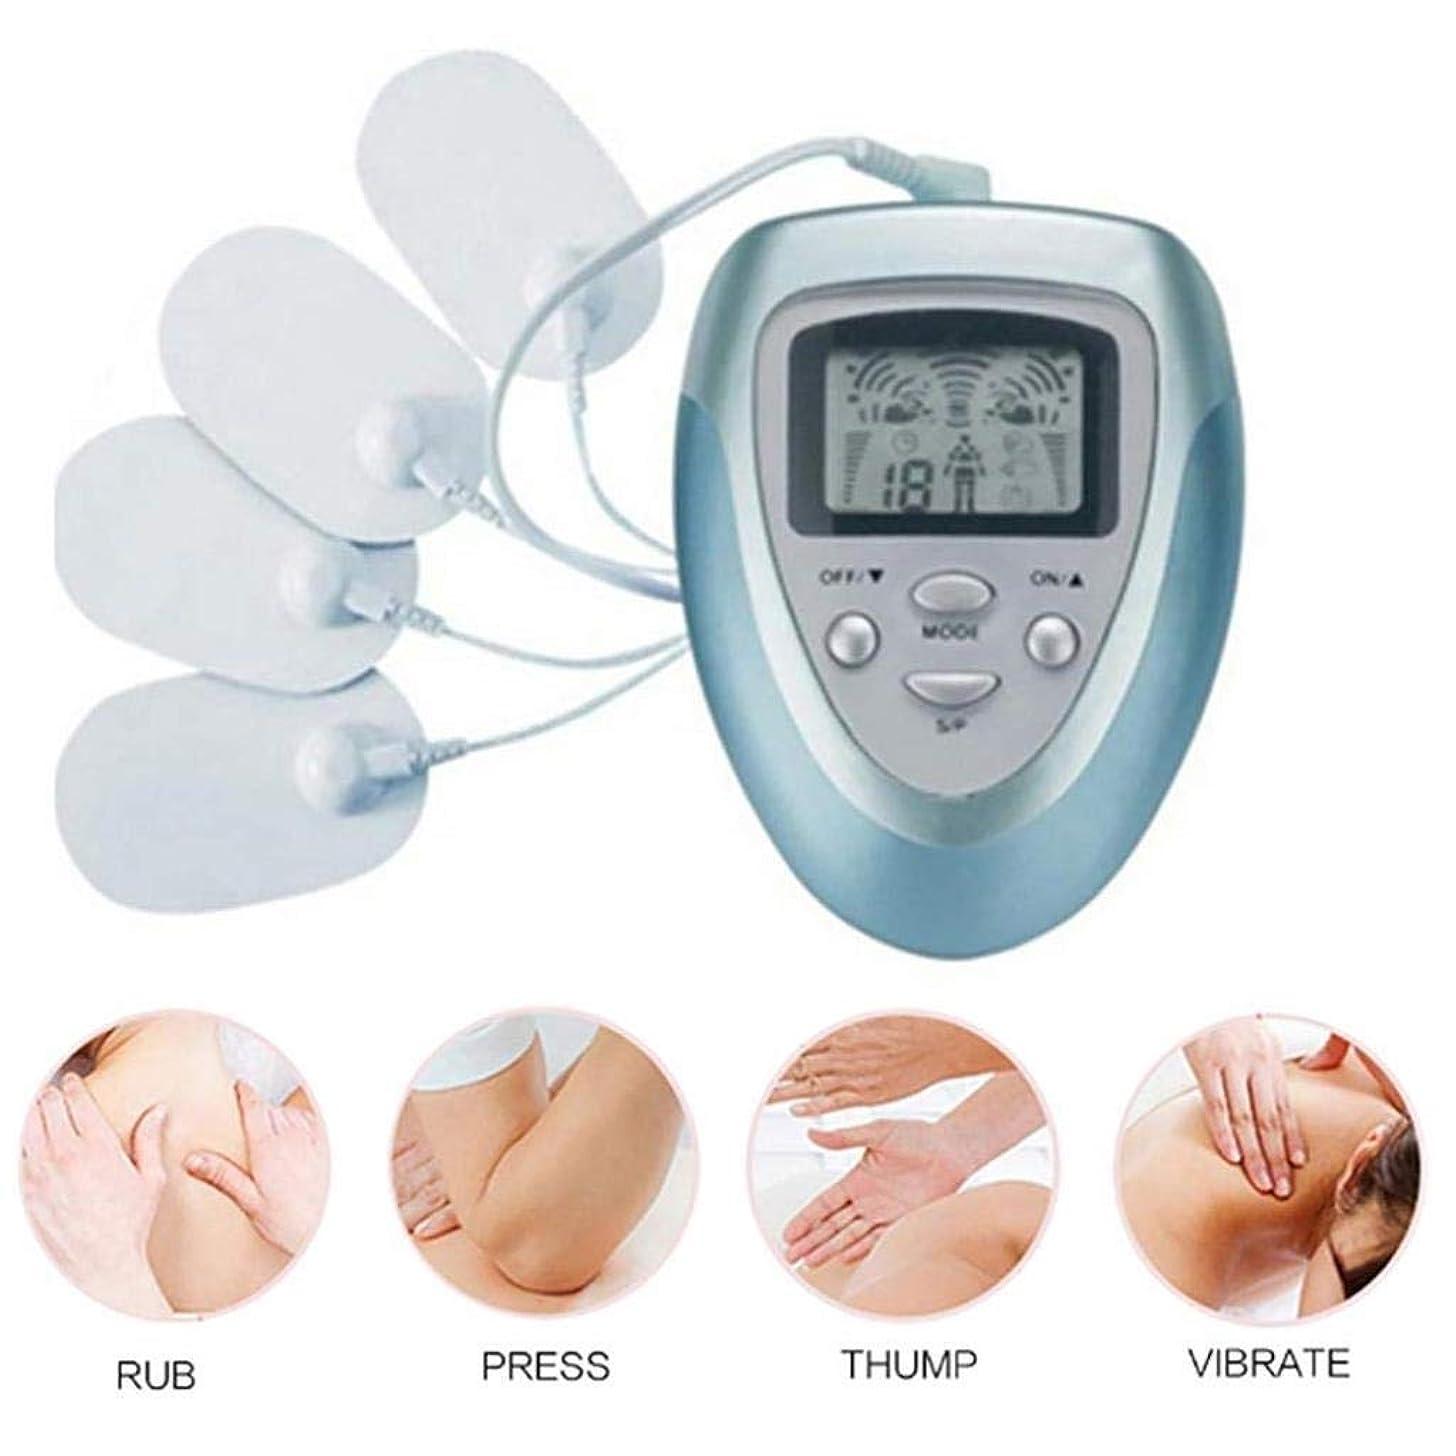 権限を与える不愉快に損なう電気マッサージ器、電子パルスマッサージ器、EMS刺激、ボディリラクゼーション筋肉、パルス+鍼灸マッサージ、痛みを軽減します